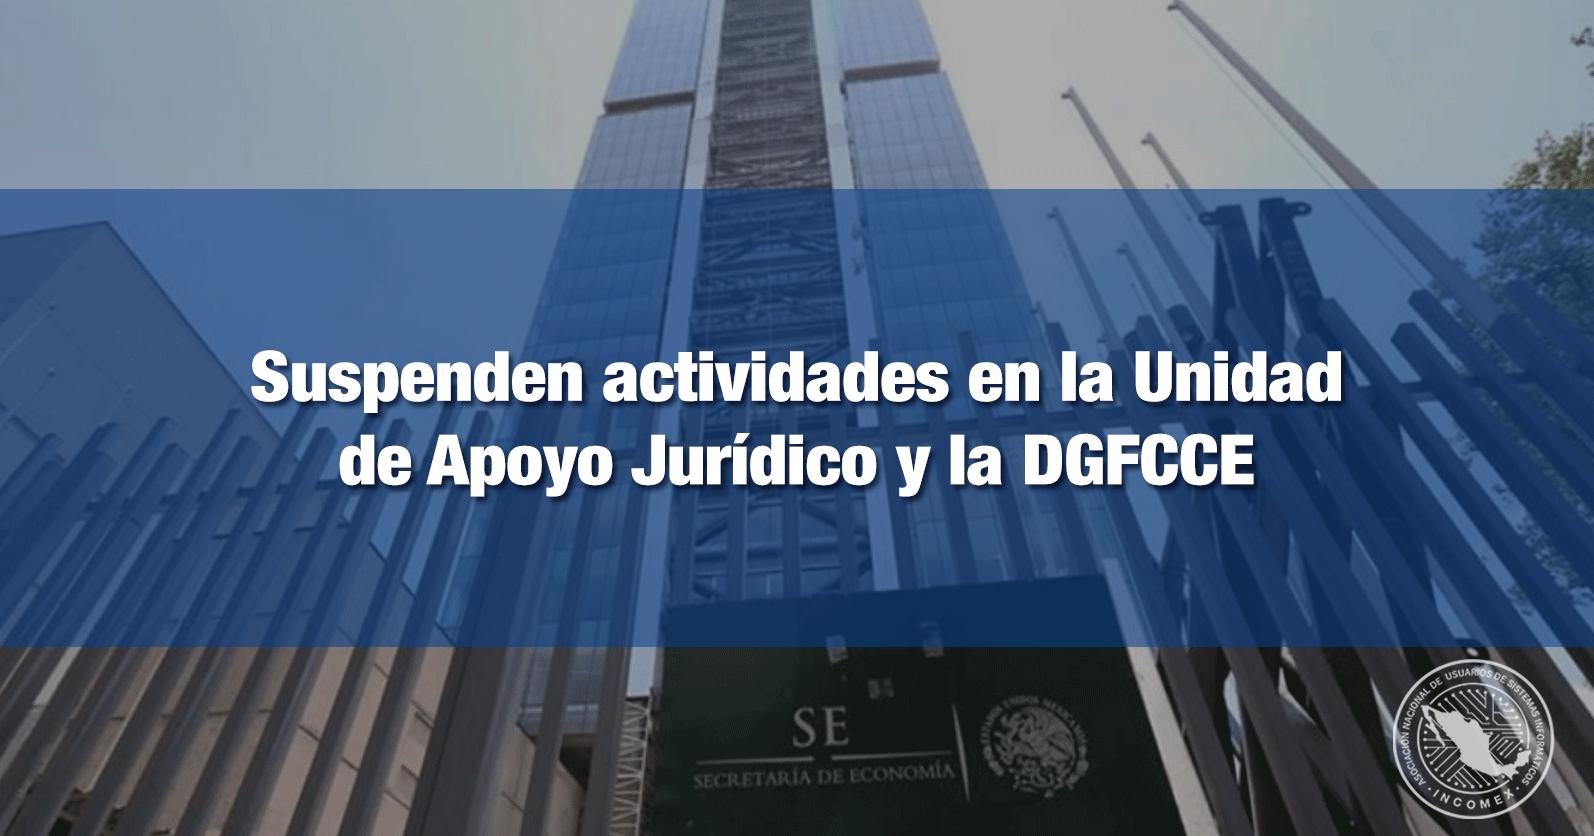 Suspenden actividades en la Unidad de Apoyo Jurídico y la DGFCCE